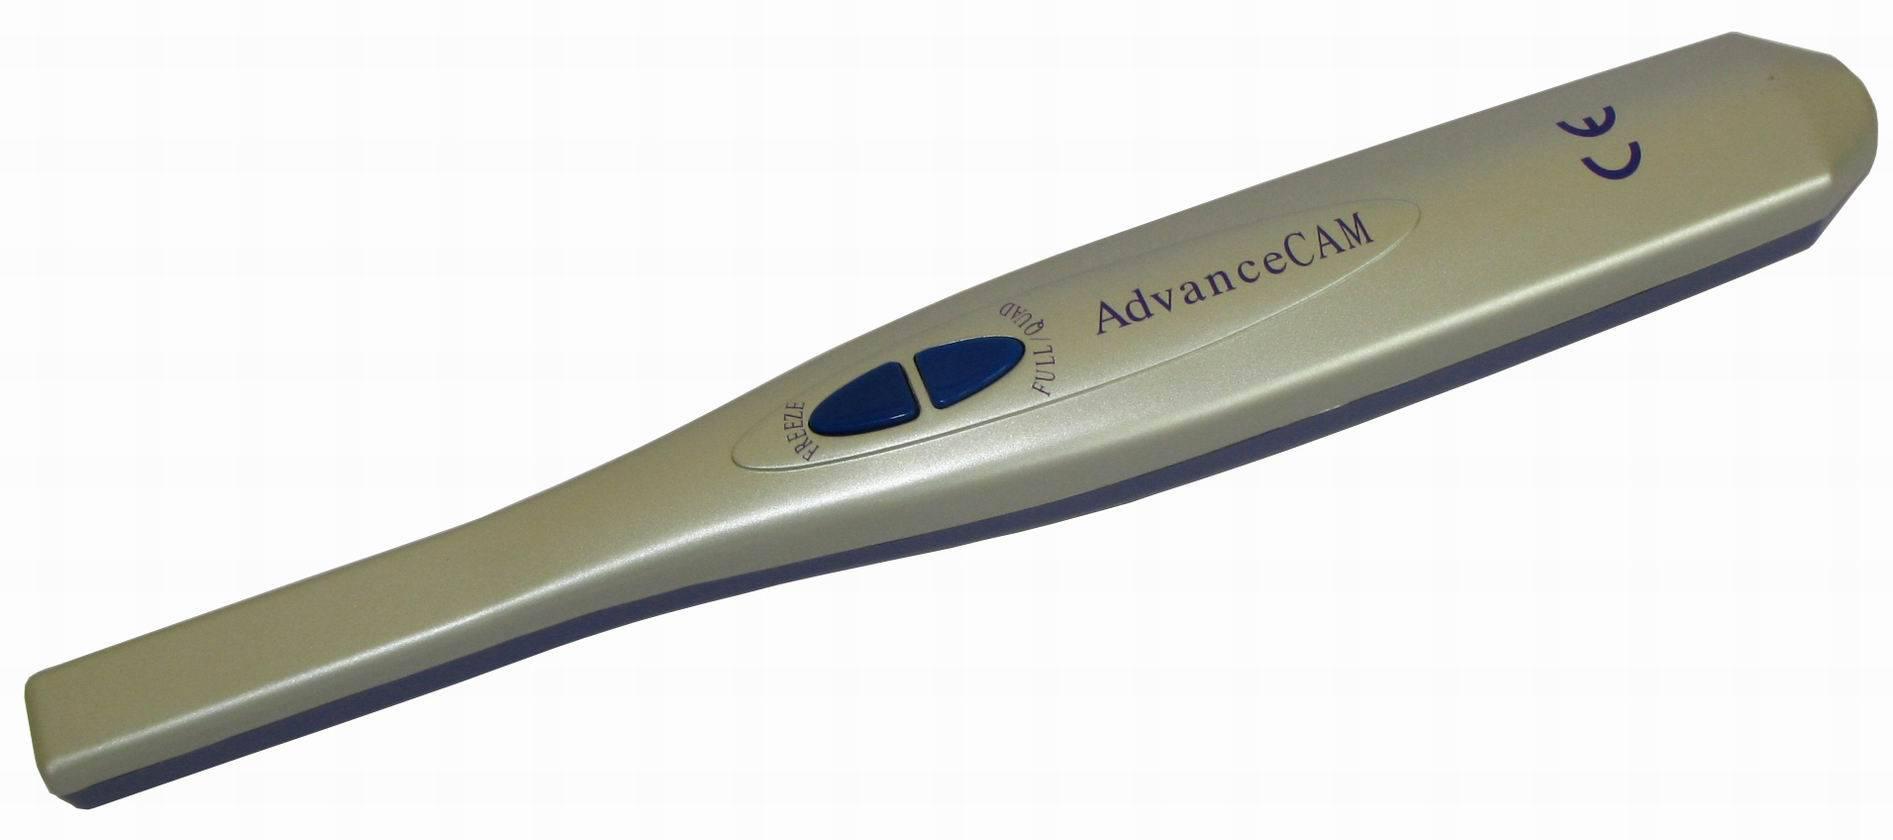 LK311 Dental Camera ( Dental Equipment, Dental Device, Dental Product, Dental Intraoral Camera Syste